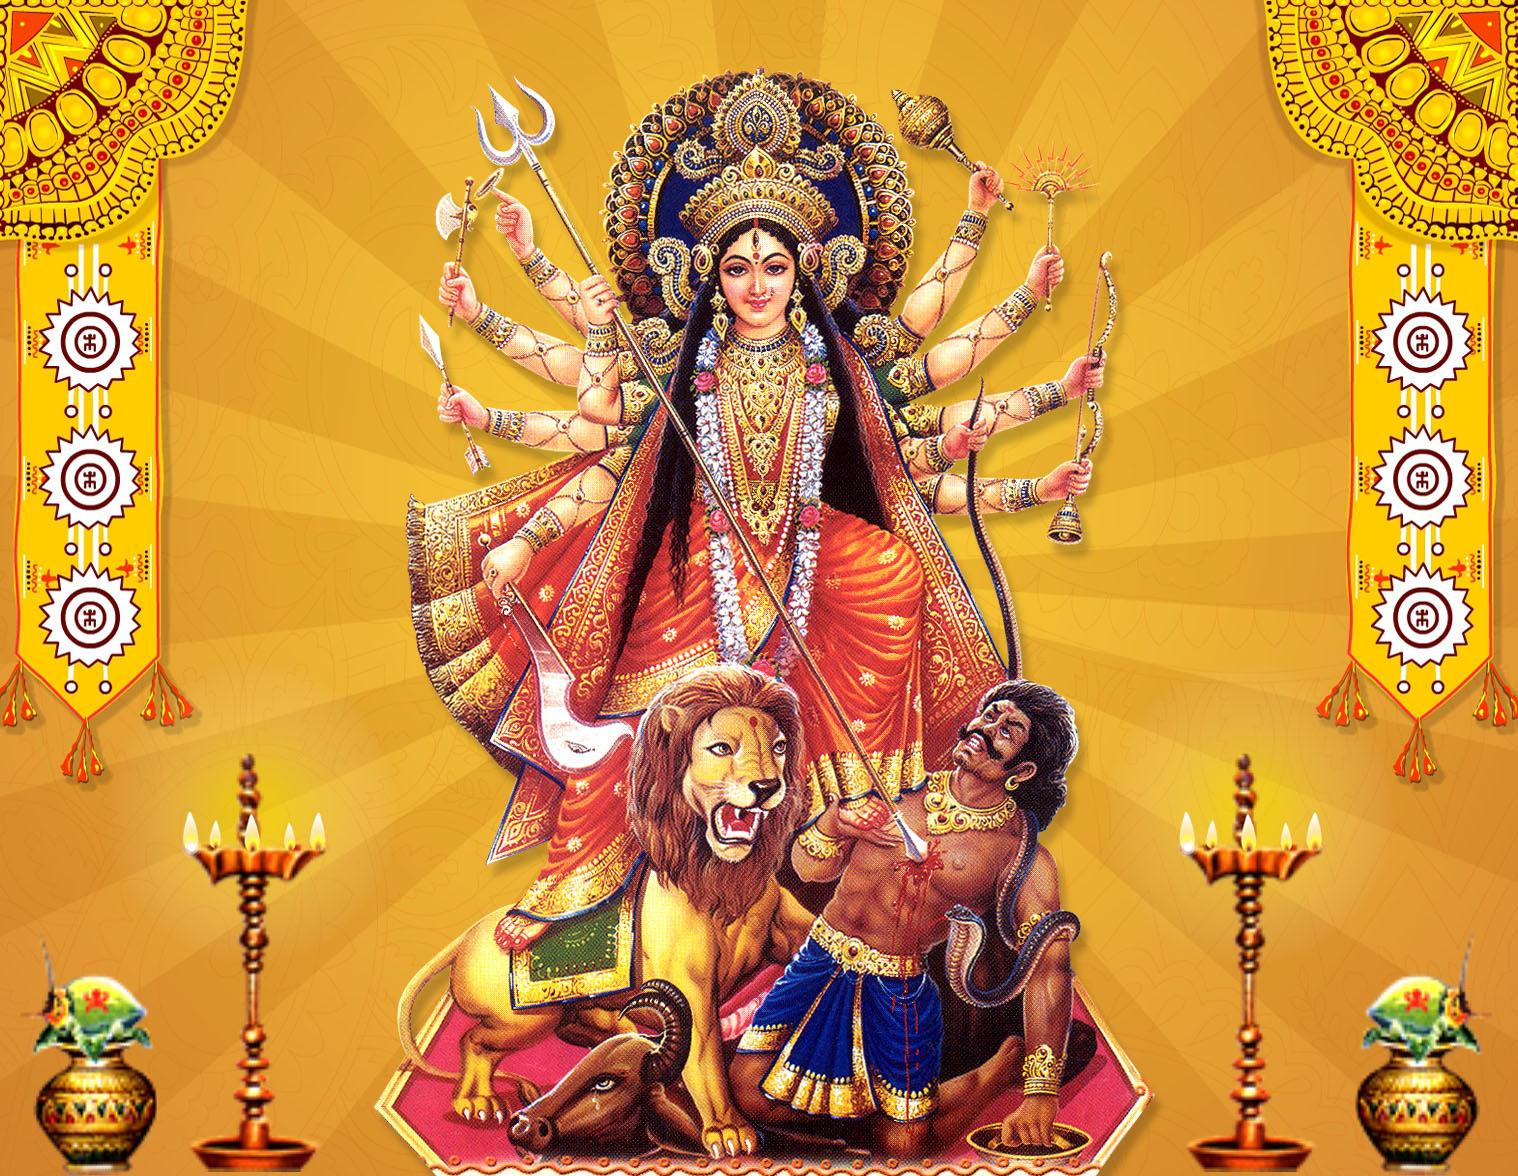 http://3.bp.blogspot.com/-fgjDSyFd3sw/UGhwFuq9nwI/AAAAAAAABSI/HsvJtbIkNXs/s1600/Maa+Durga.jpg